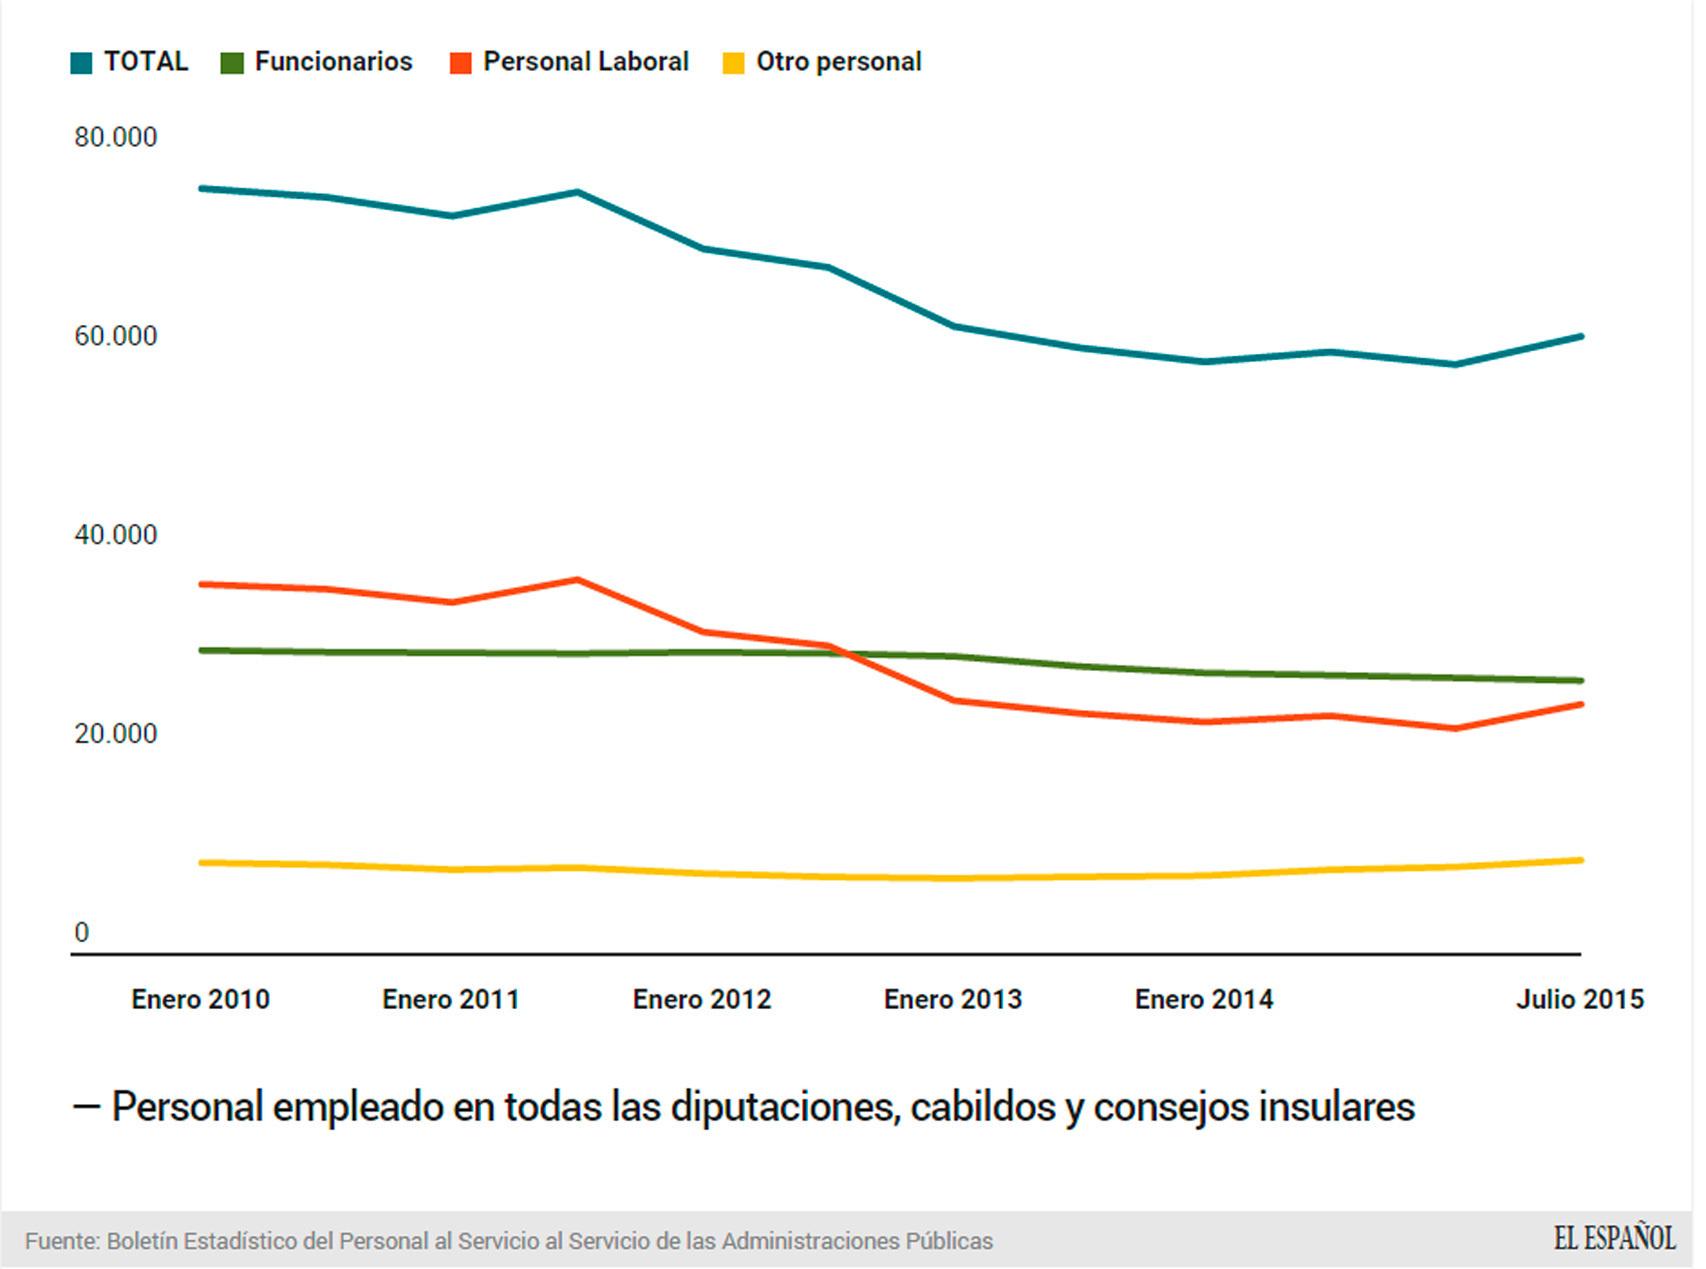 Cambios en los empleados de Diputaciones en los últimos cinco años